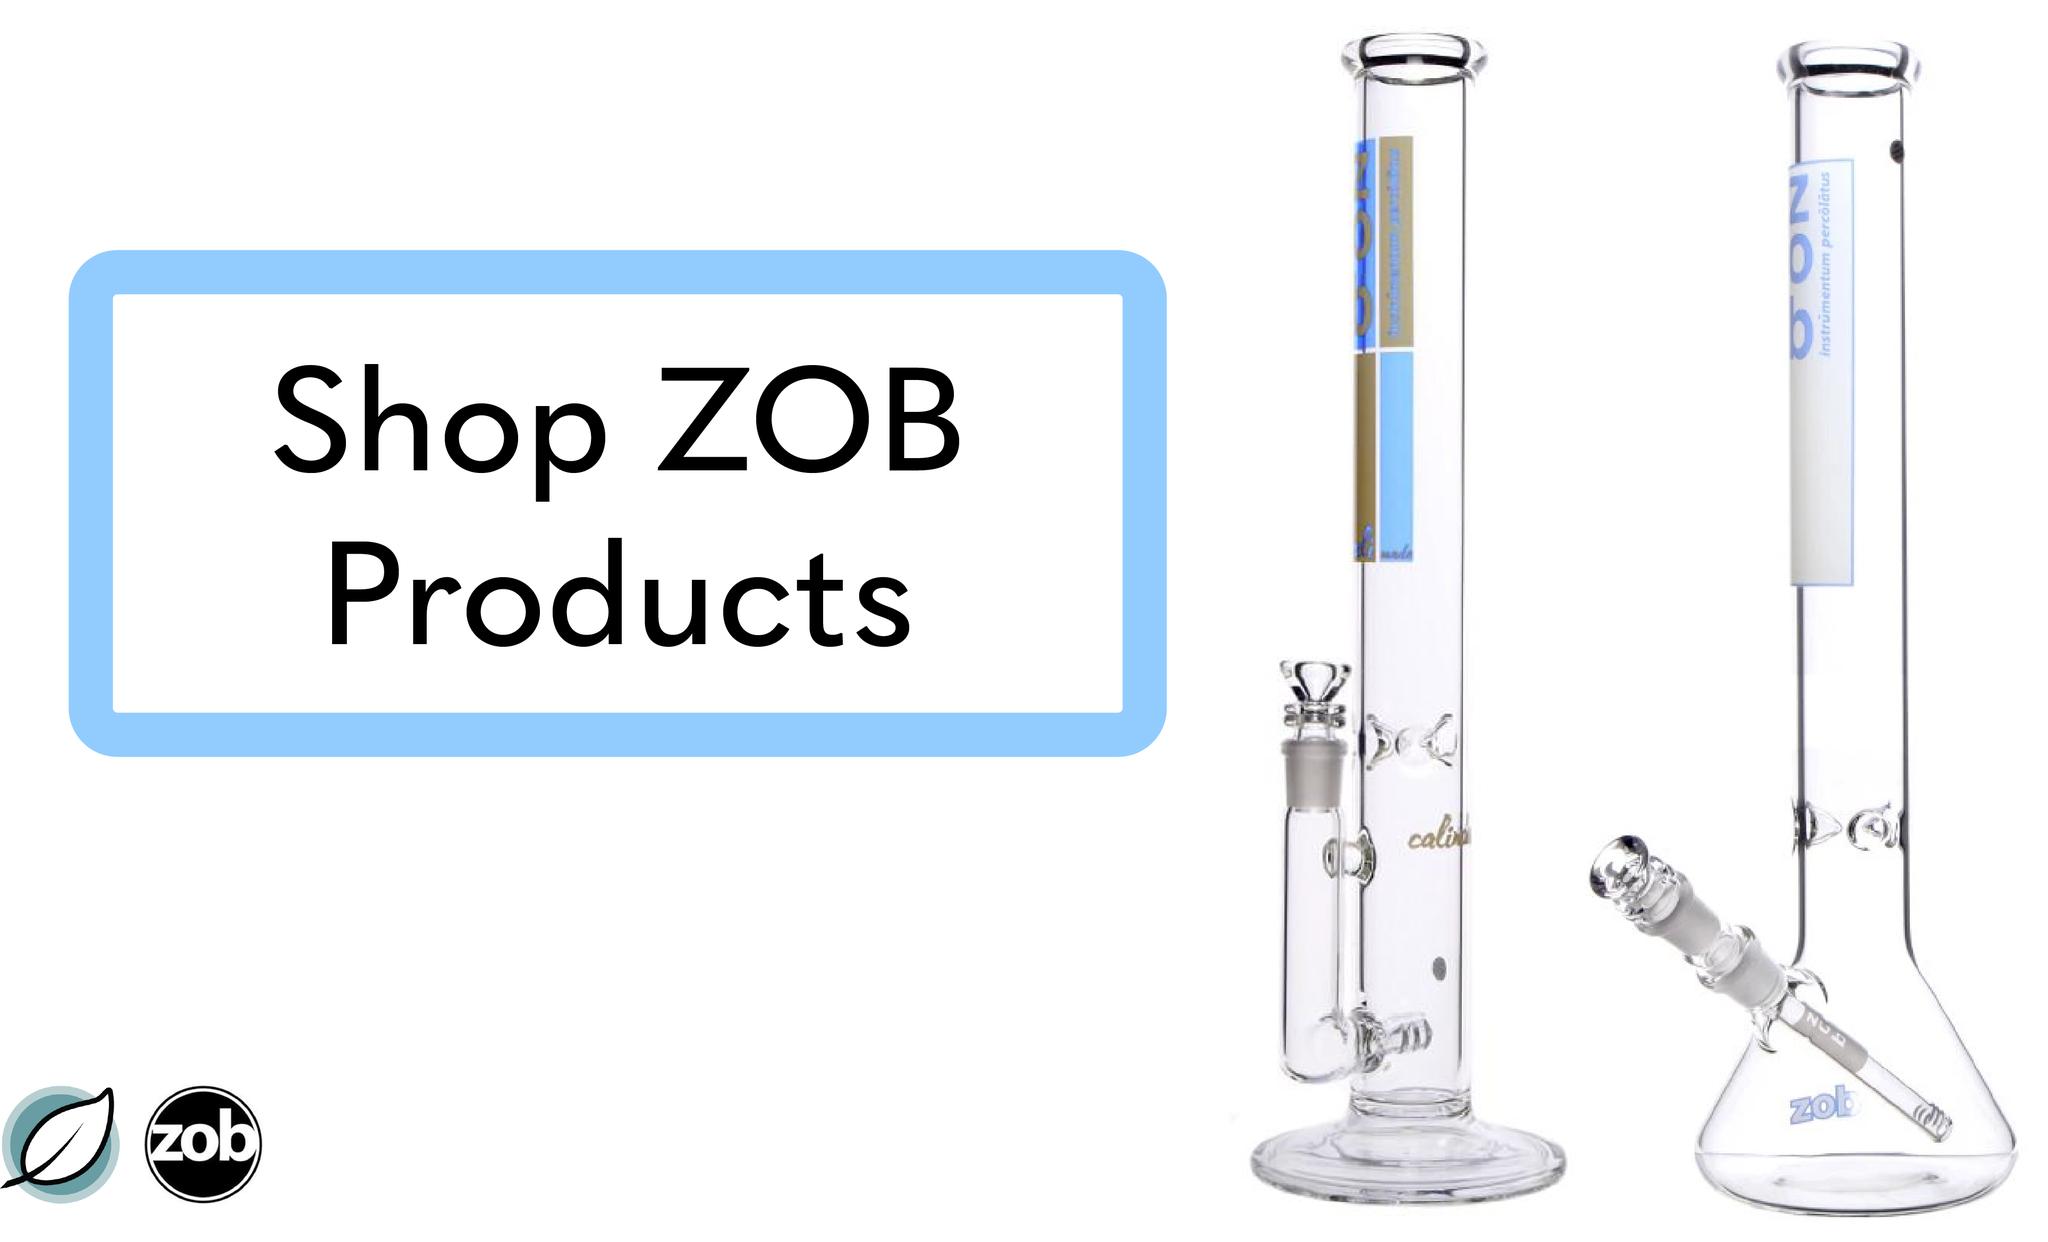 Shop ZOB